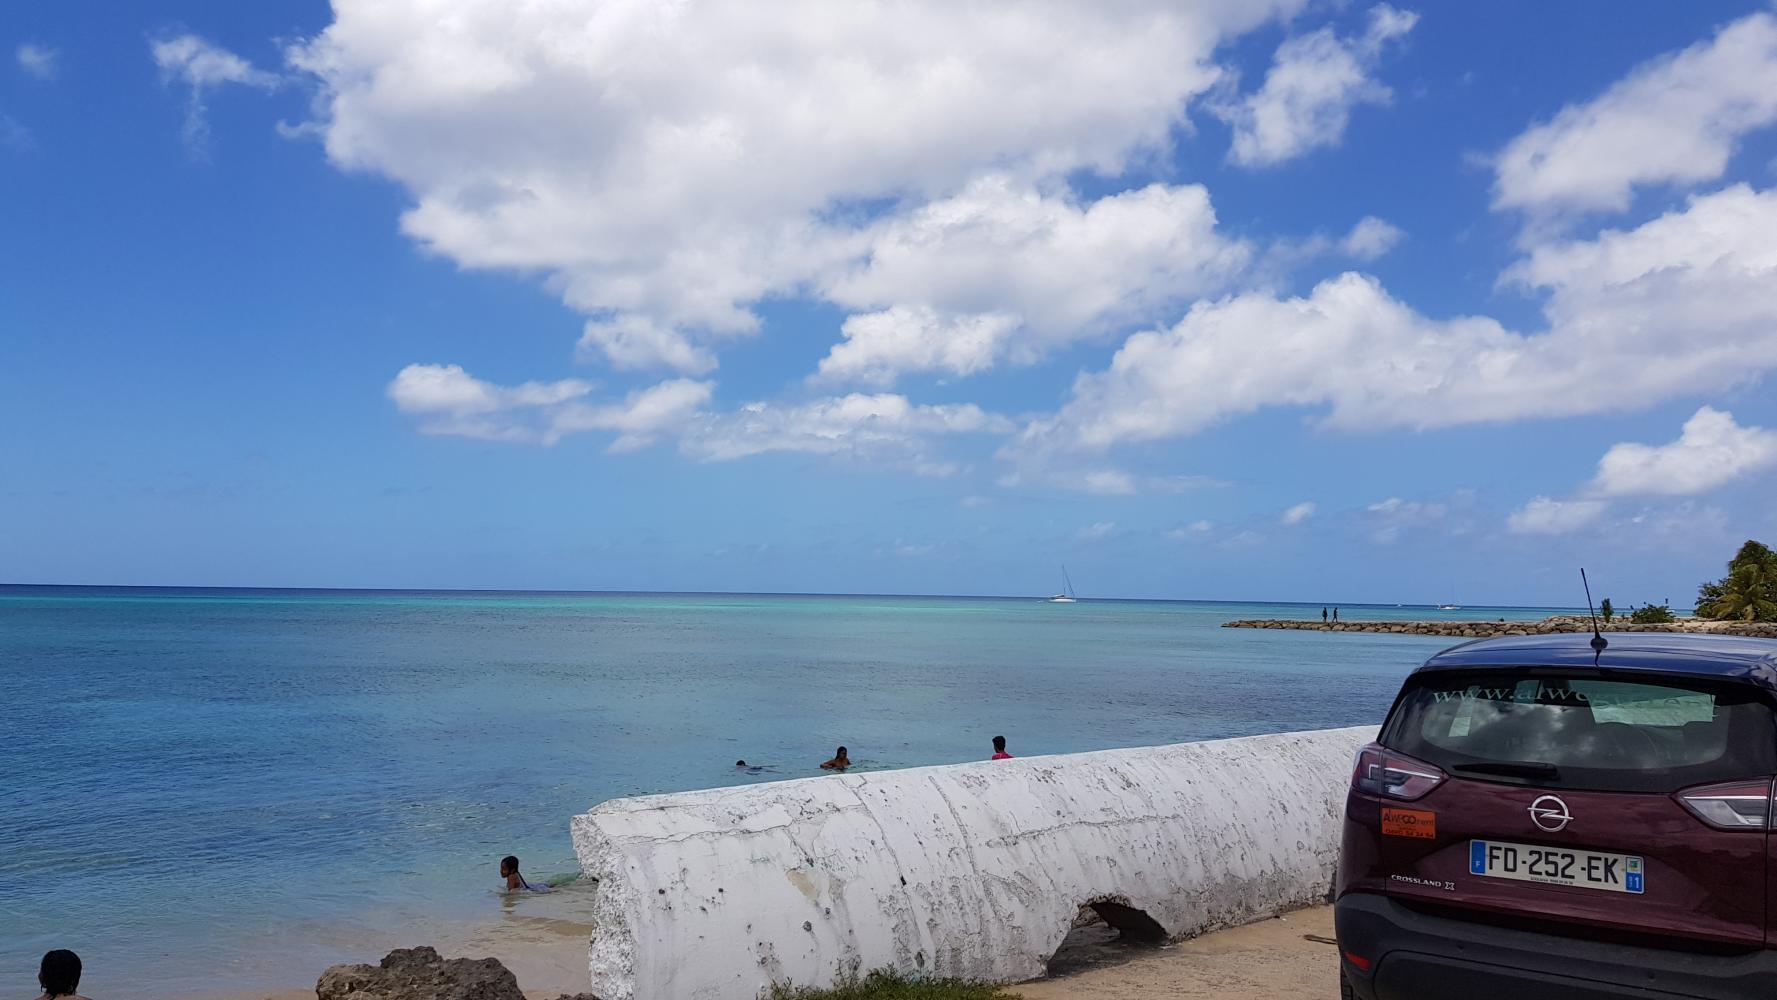 Louer une auto pour parcourir la Guadeloupe - Port Louis en Guadeloupe